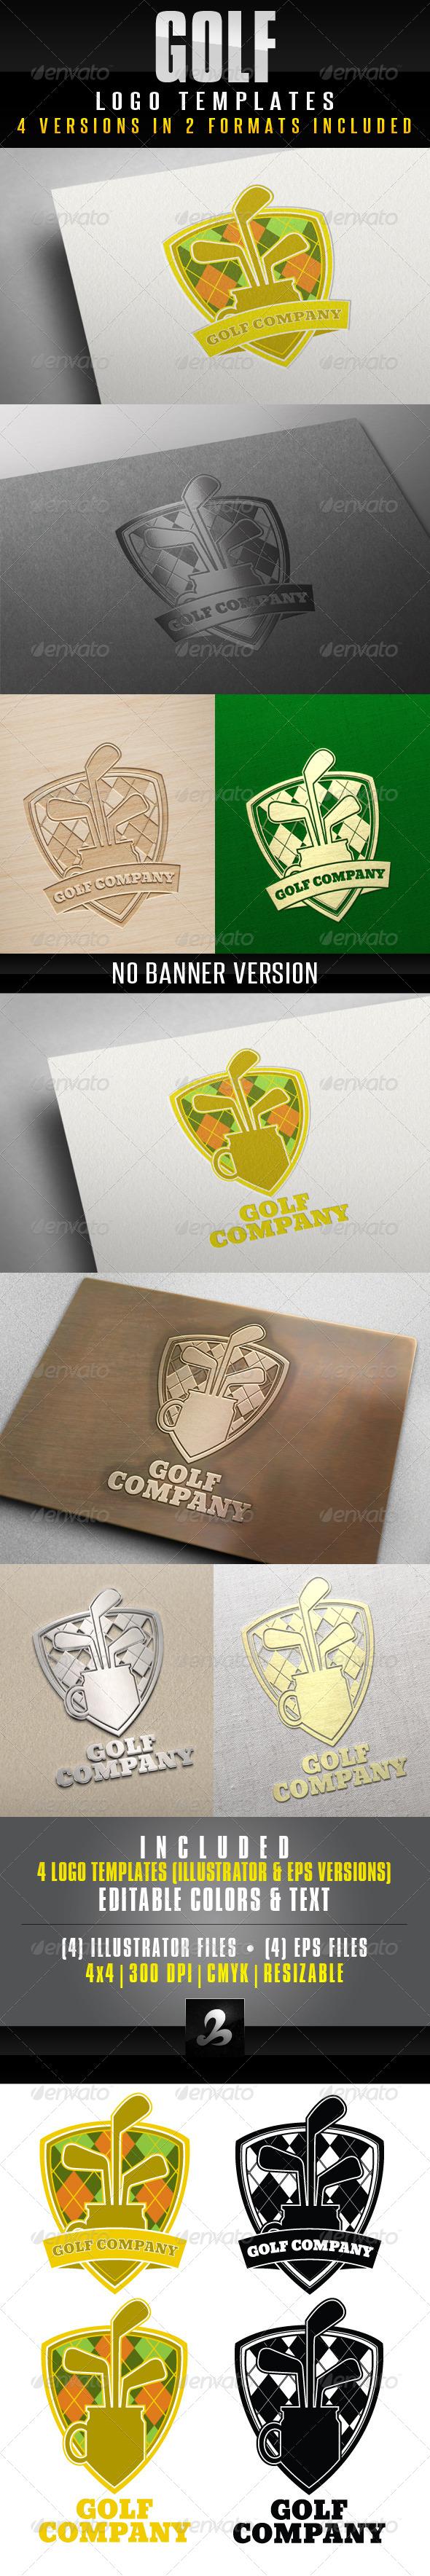 GraphicRiver Golf Logo Template 5011246